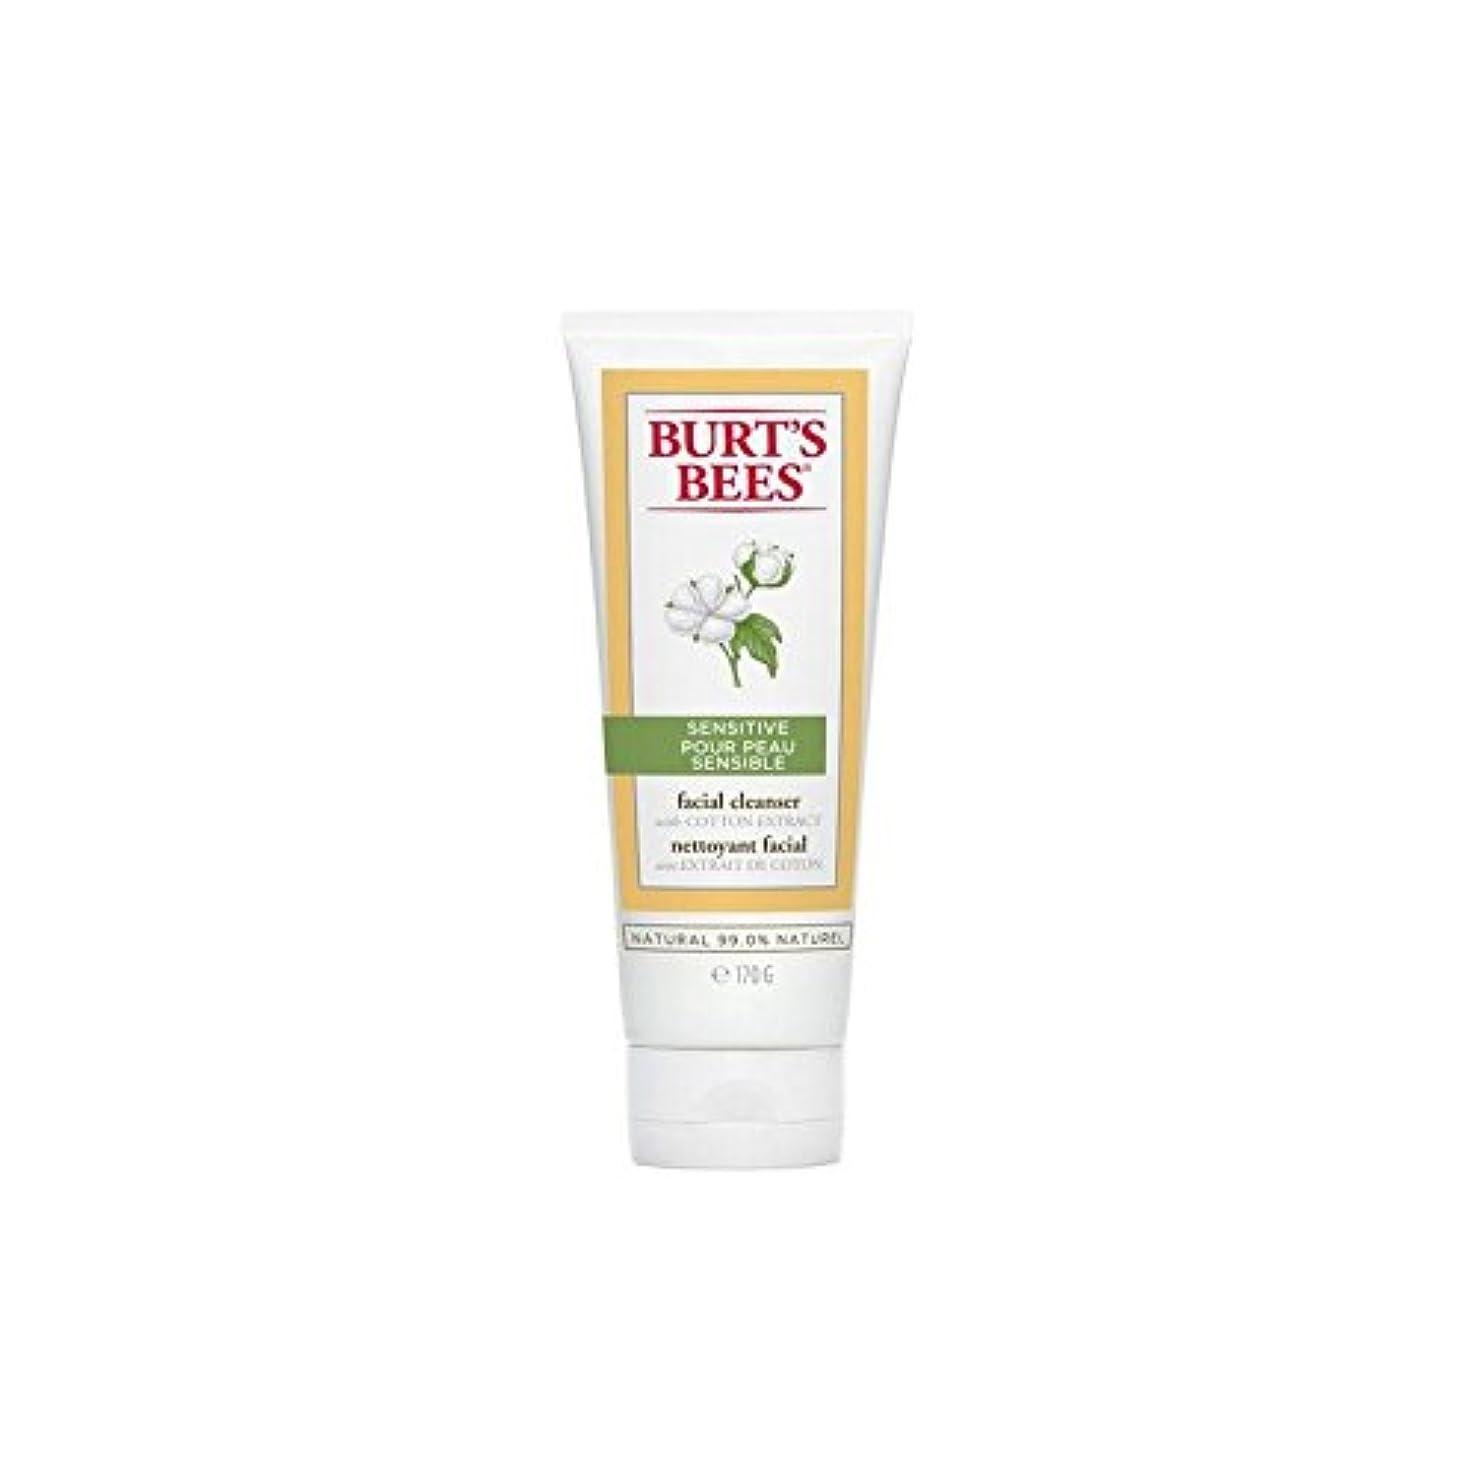 ハリケーン提供考古学的なバーツビー敏感な洗顔料の170グラム x2 - Burt's Bees Sensitive Facial Cleanser 170G (Pack of 2) [並行輸入品]